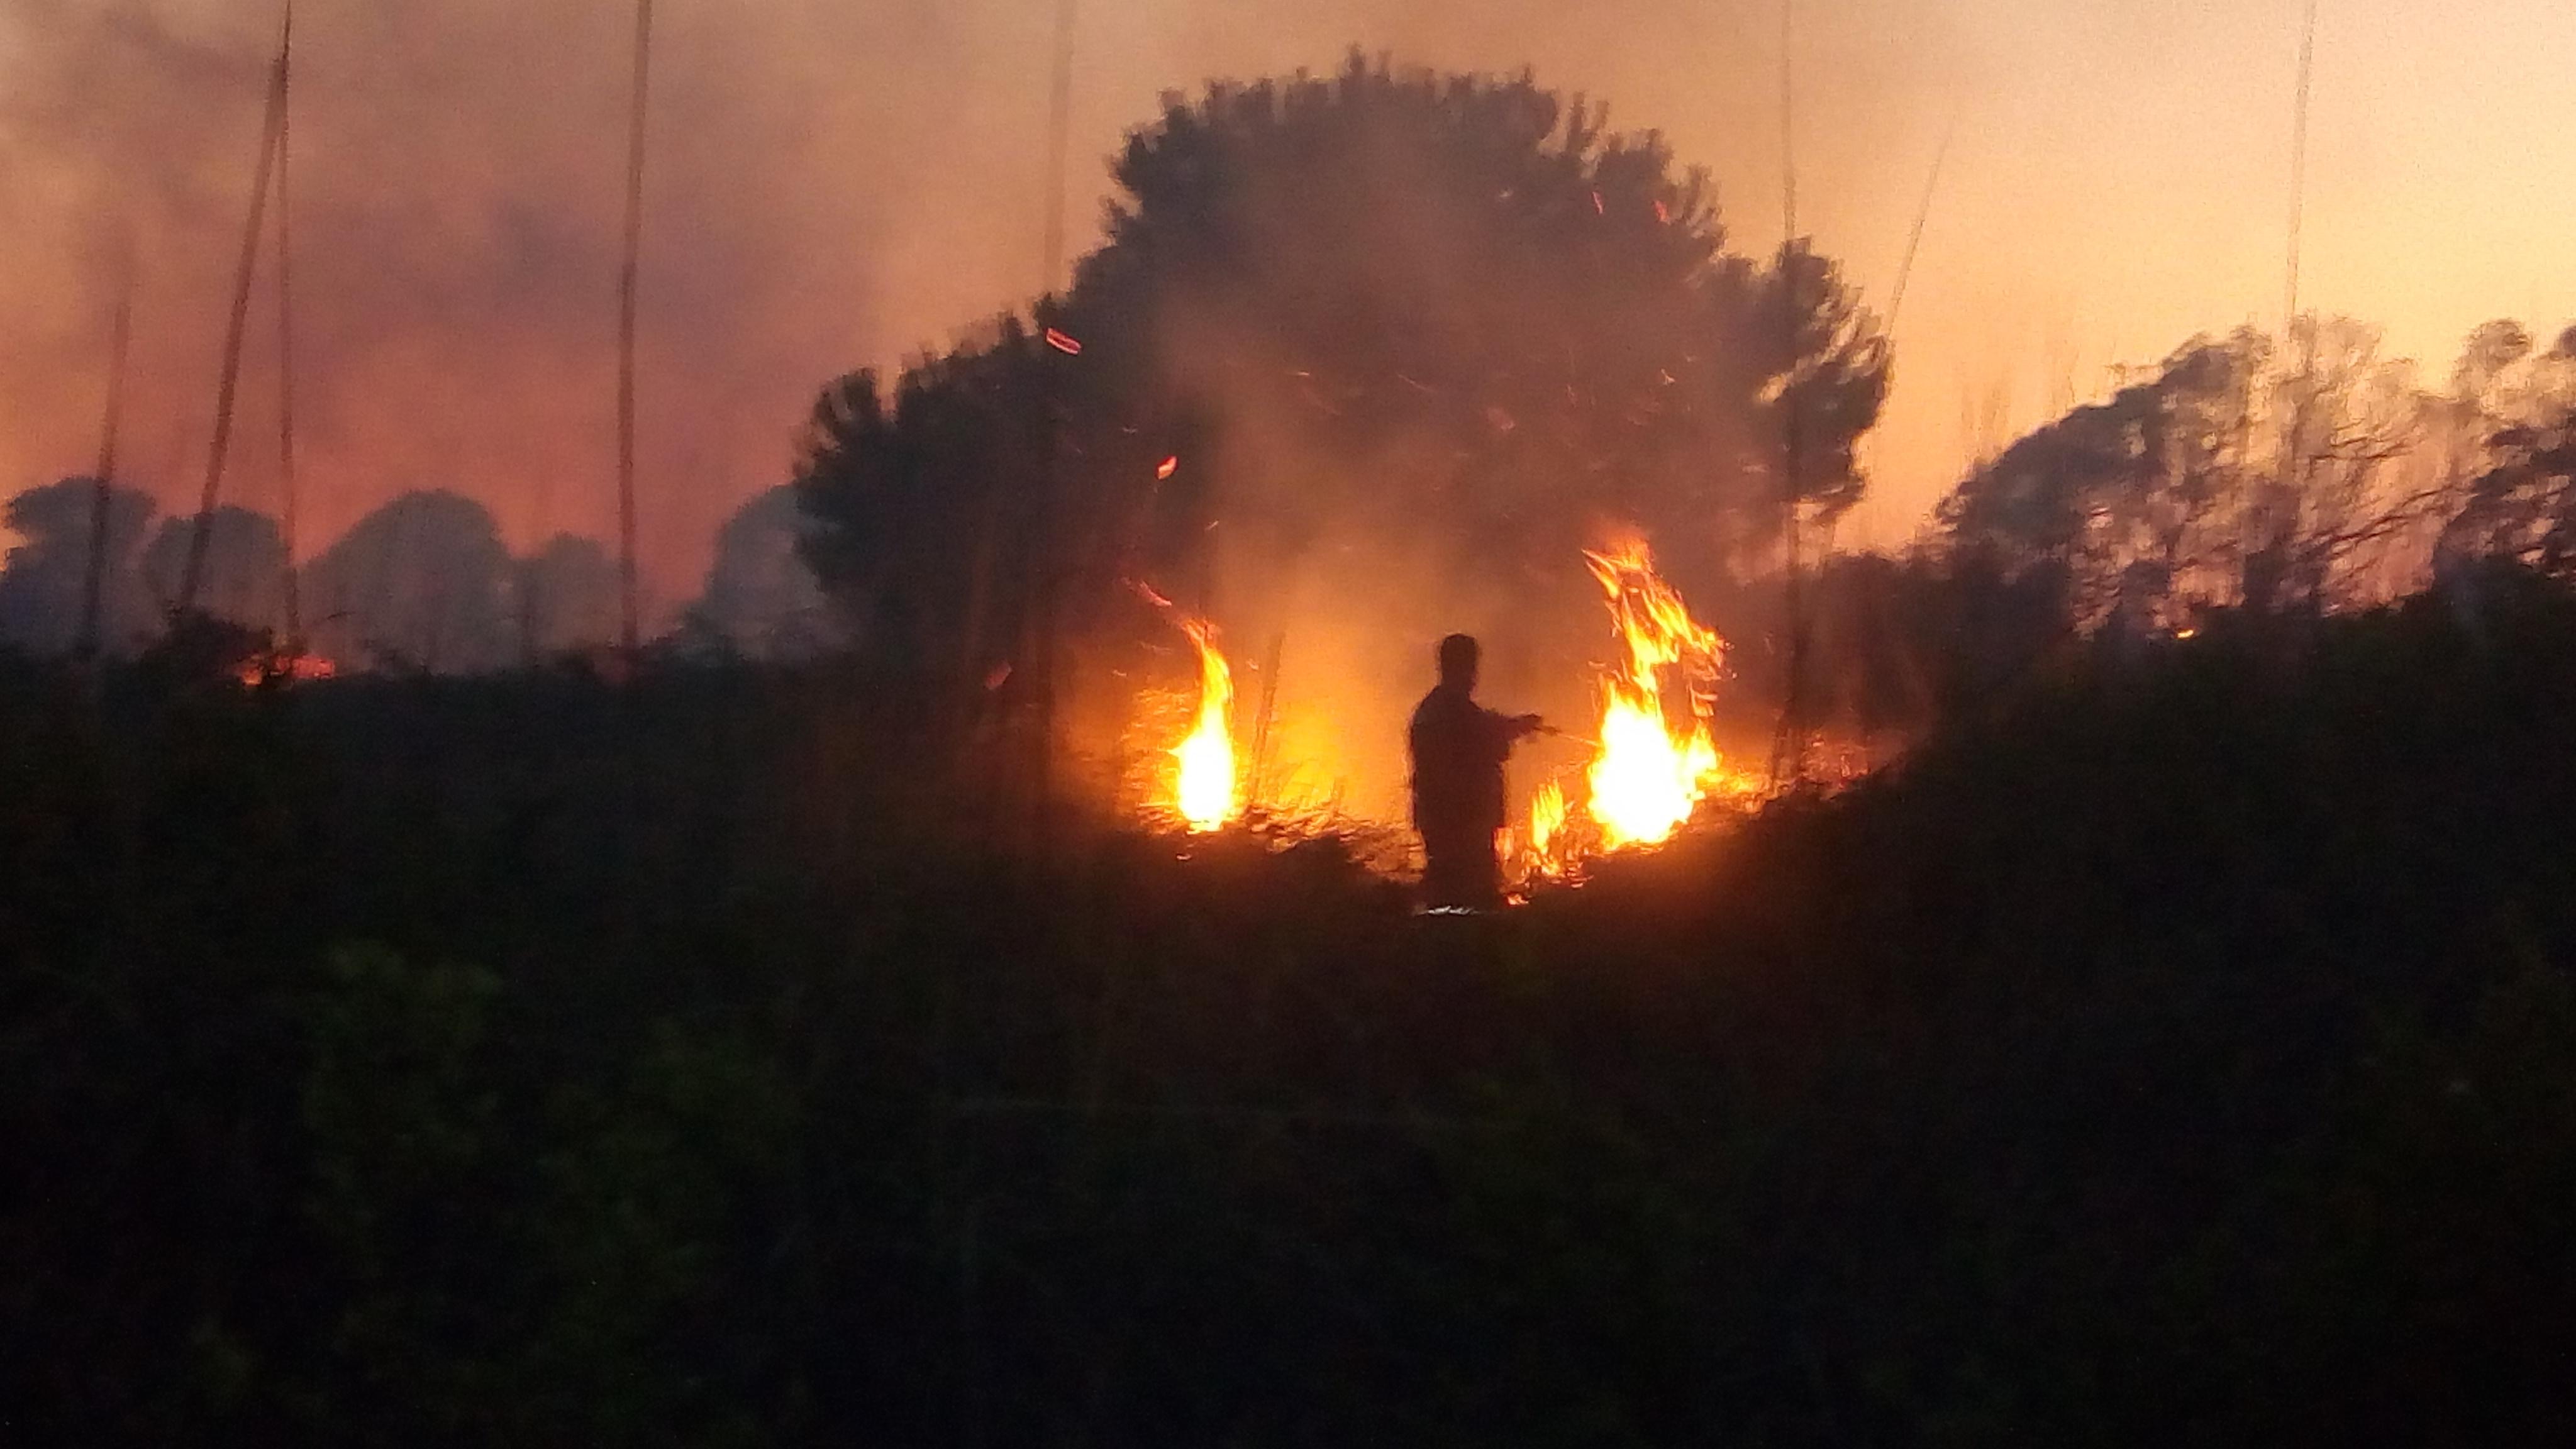 Roma-Fiumicino, incendio in complanare: lunghe code e traffico in tilt sull'immissione dalla A91 al GRA